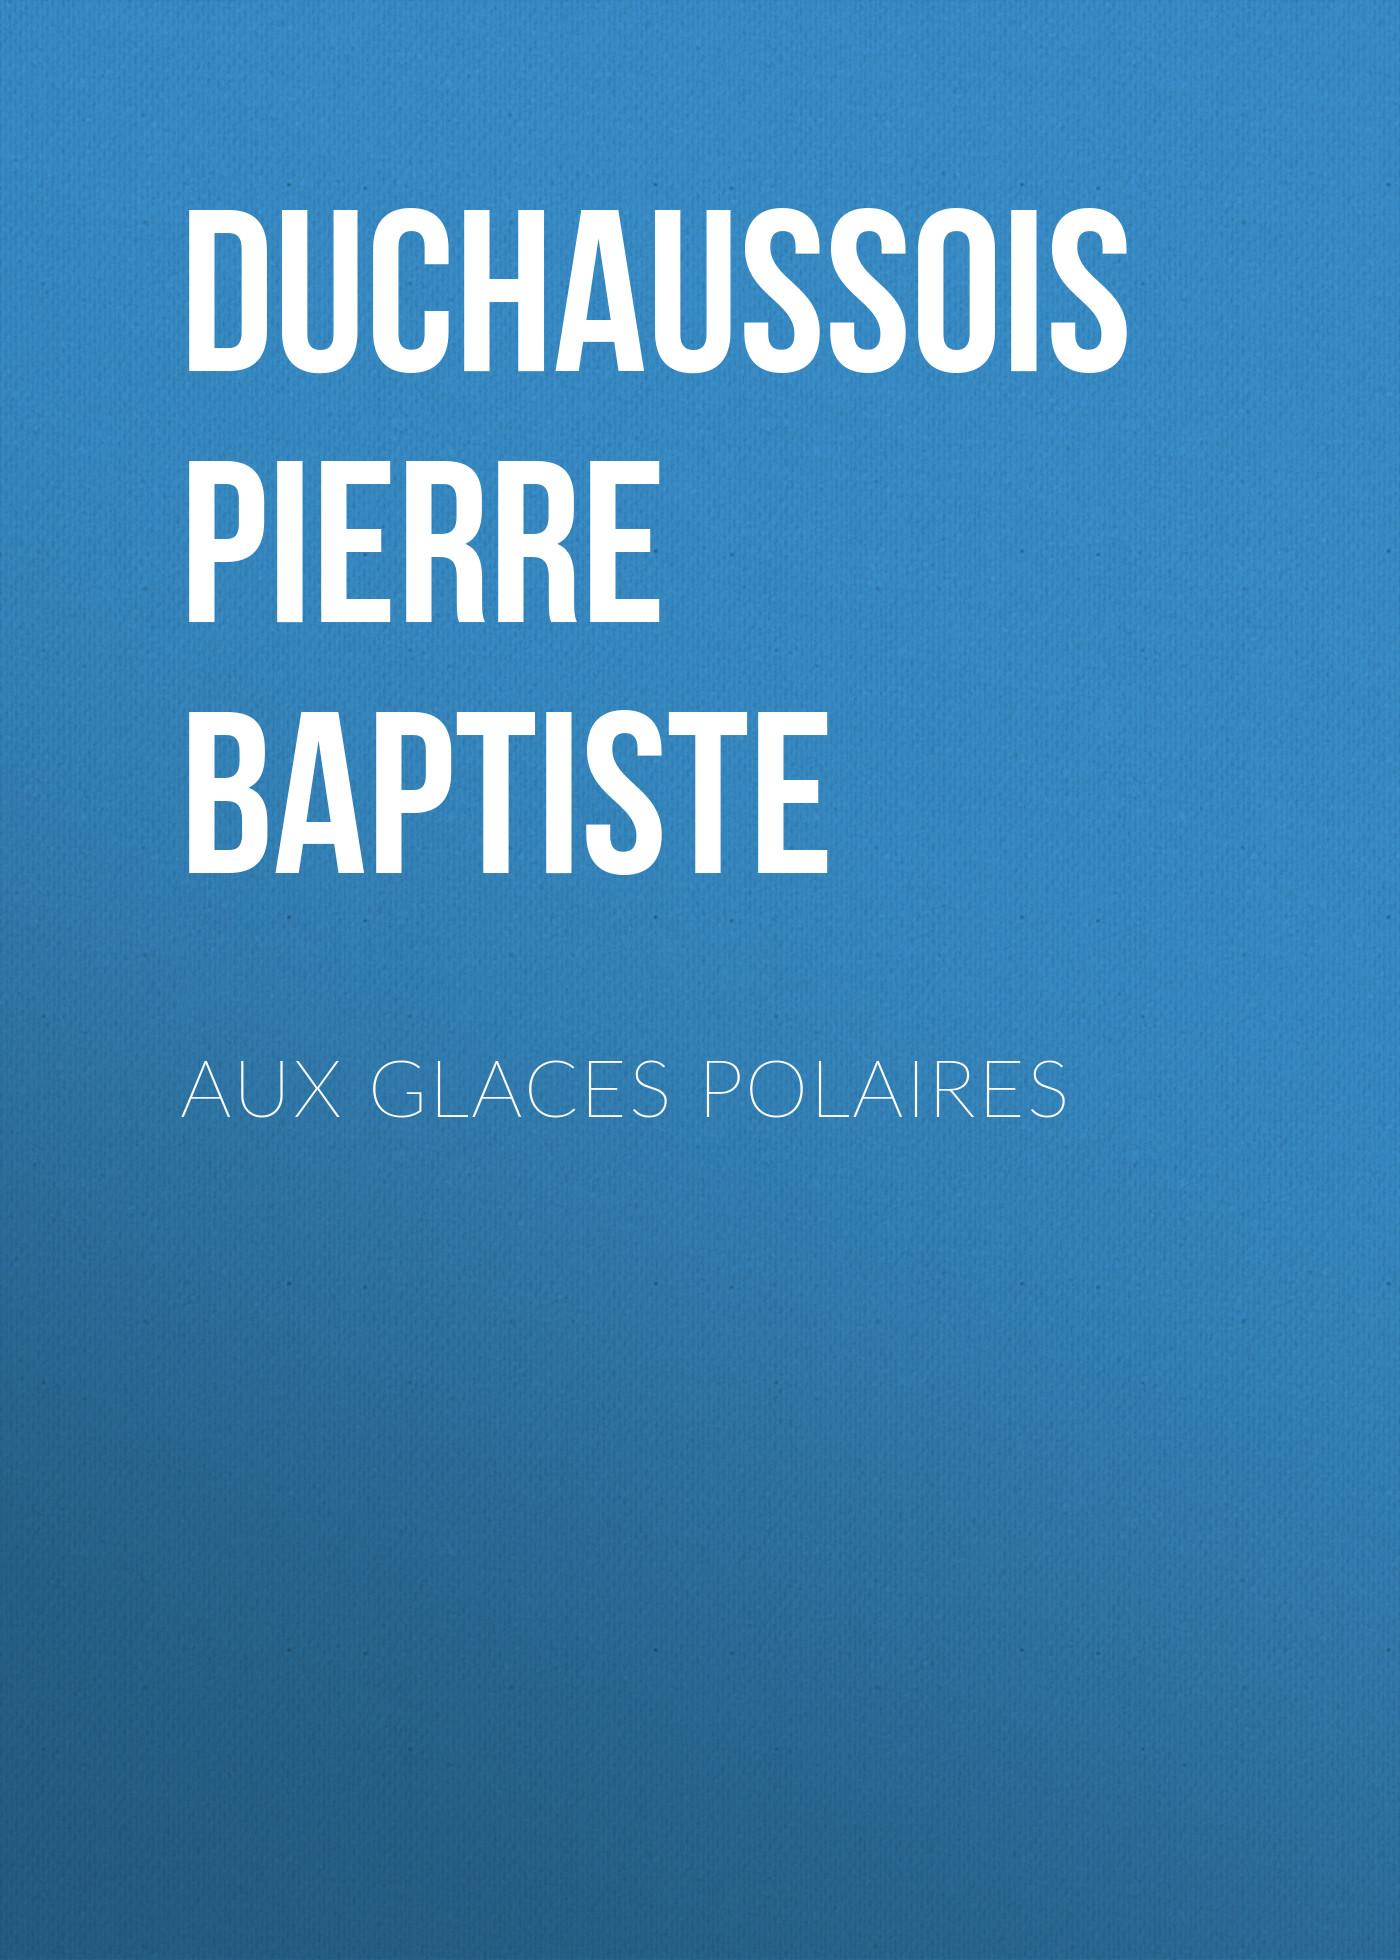 Duchaussois Pierre Jean Baptiste Aux glaces polaires